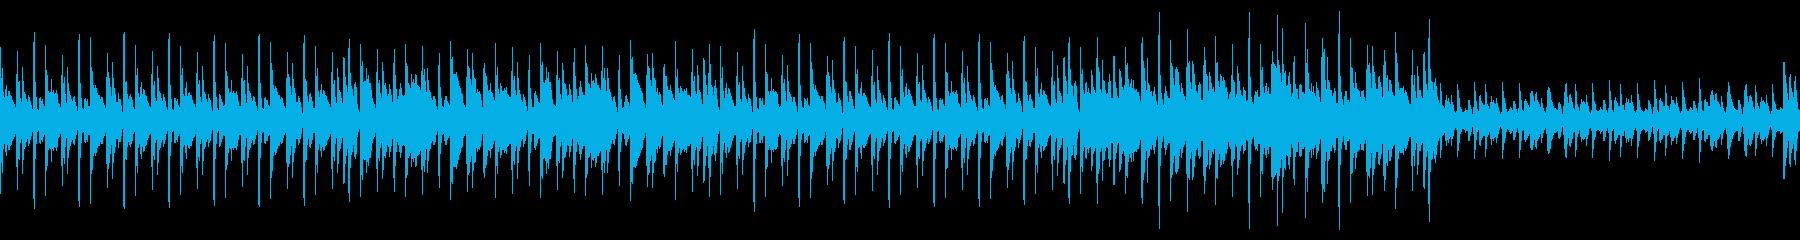 マリンバのリフが特徴の仄暗い曲の再生済みの波形